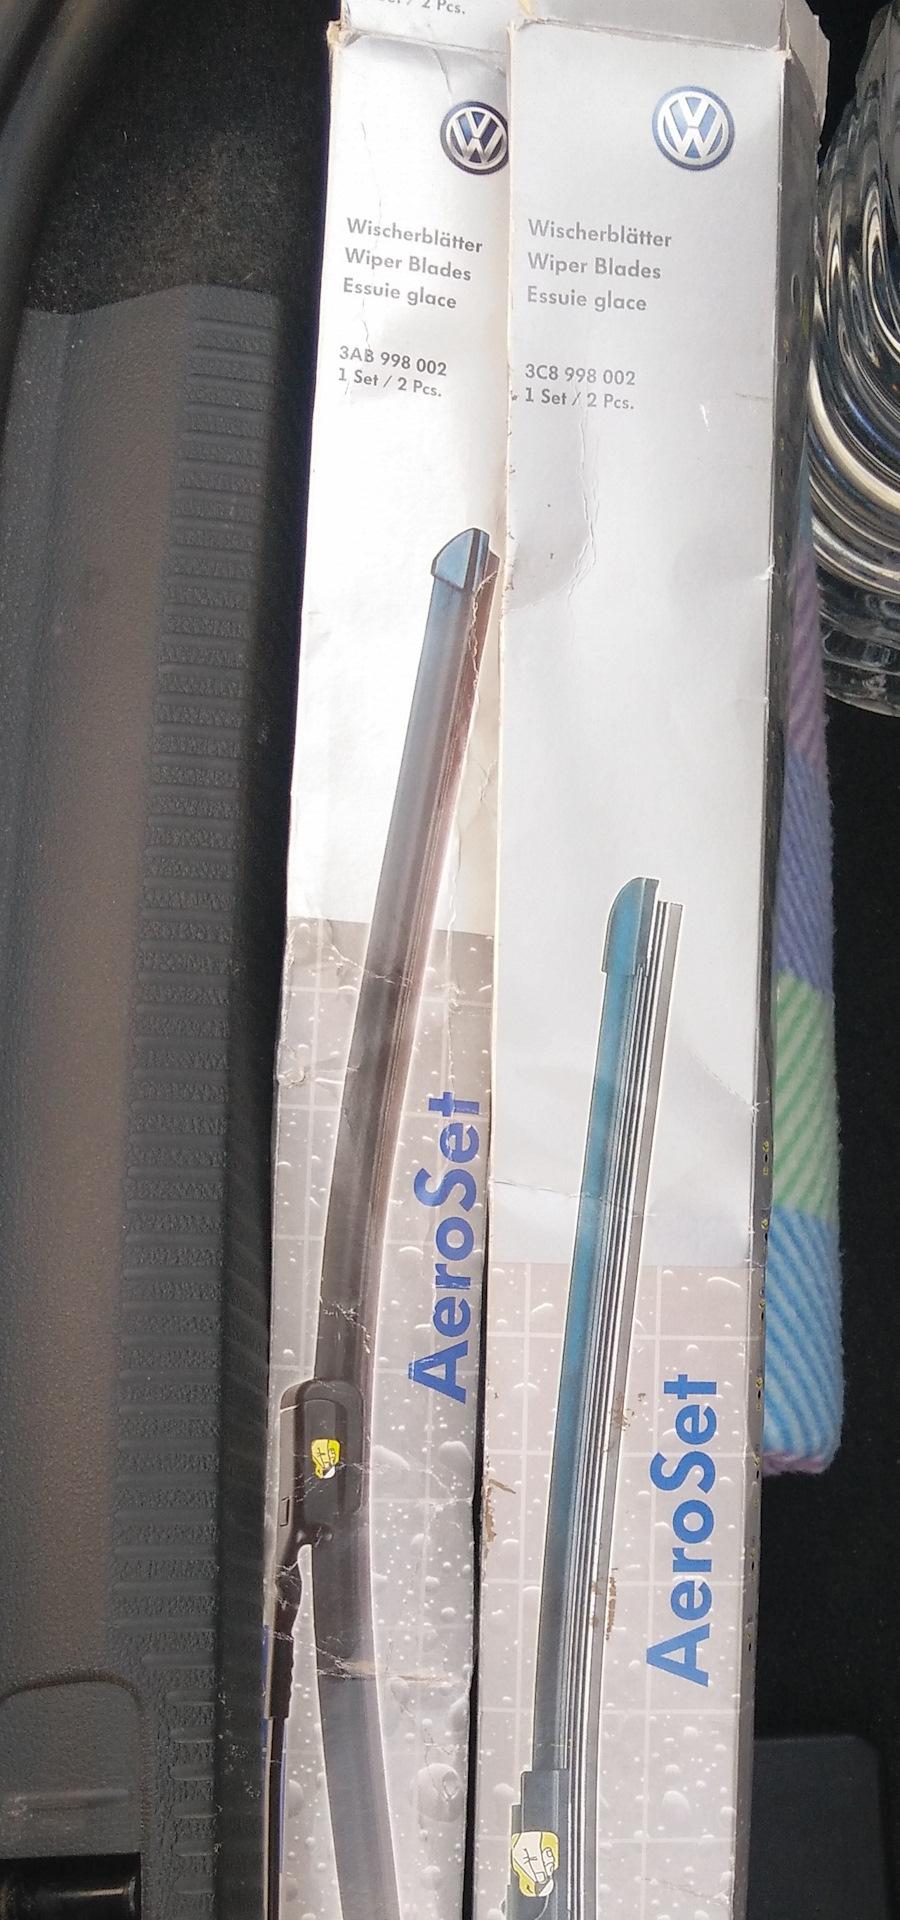 щётки стеклоочистителя фольксваген пассат 2012 года